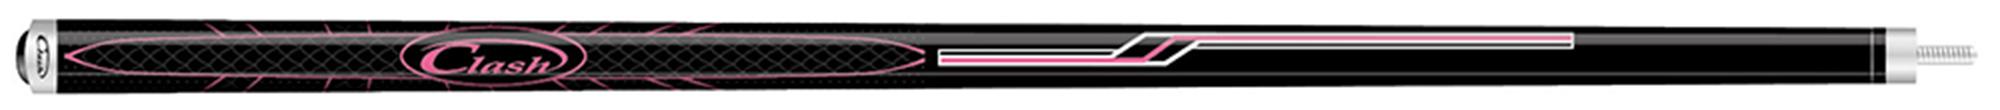 PK0646-4: Clash Nano 2 roze 12,75mm #1